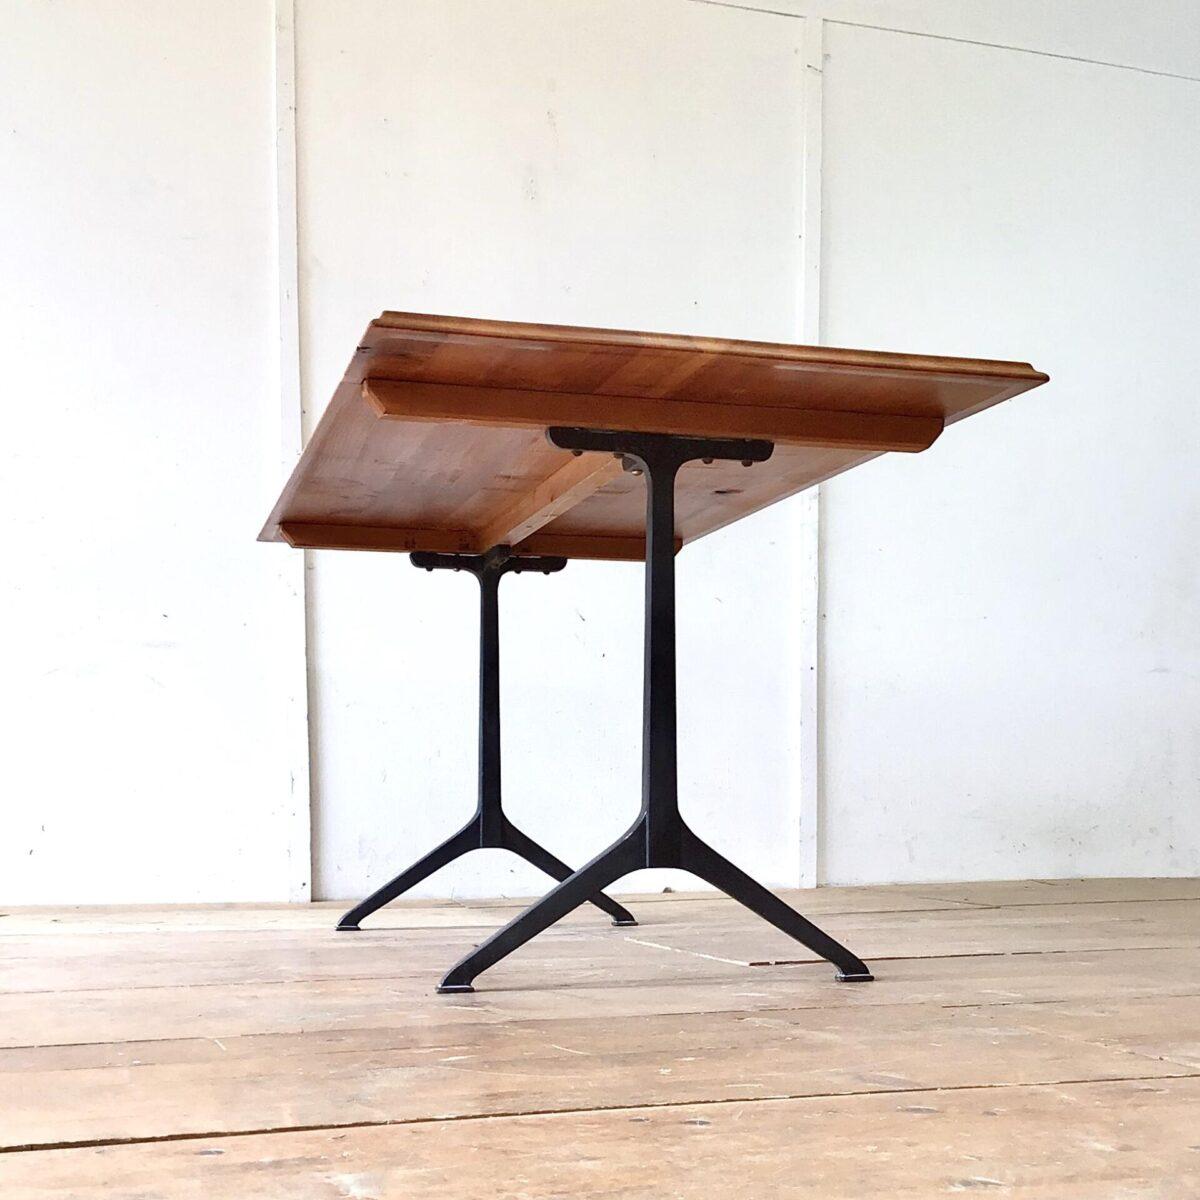 Deuxieme.shop Alter Kirschbaum Wirtshaustisch frisch aufbereitet. 160x80cm Höhe 75cm. Das lebhafte rötliche Tischblatt ist mit Naturöl behandelt. Die klassische Profilkante ist optisch, und für die Unterarme angenehm. Die Gussfüsse zeichnen sich durch ihre klare schnörkellose Form aus. Und sind nochmal etwas schlanker als die vergleichbaren Modelle von horgenglarus.